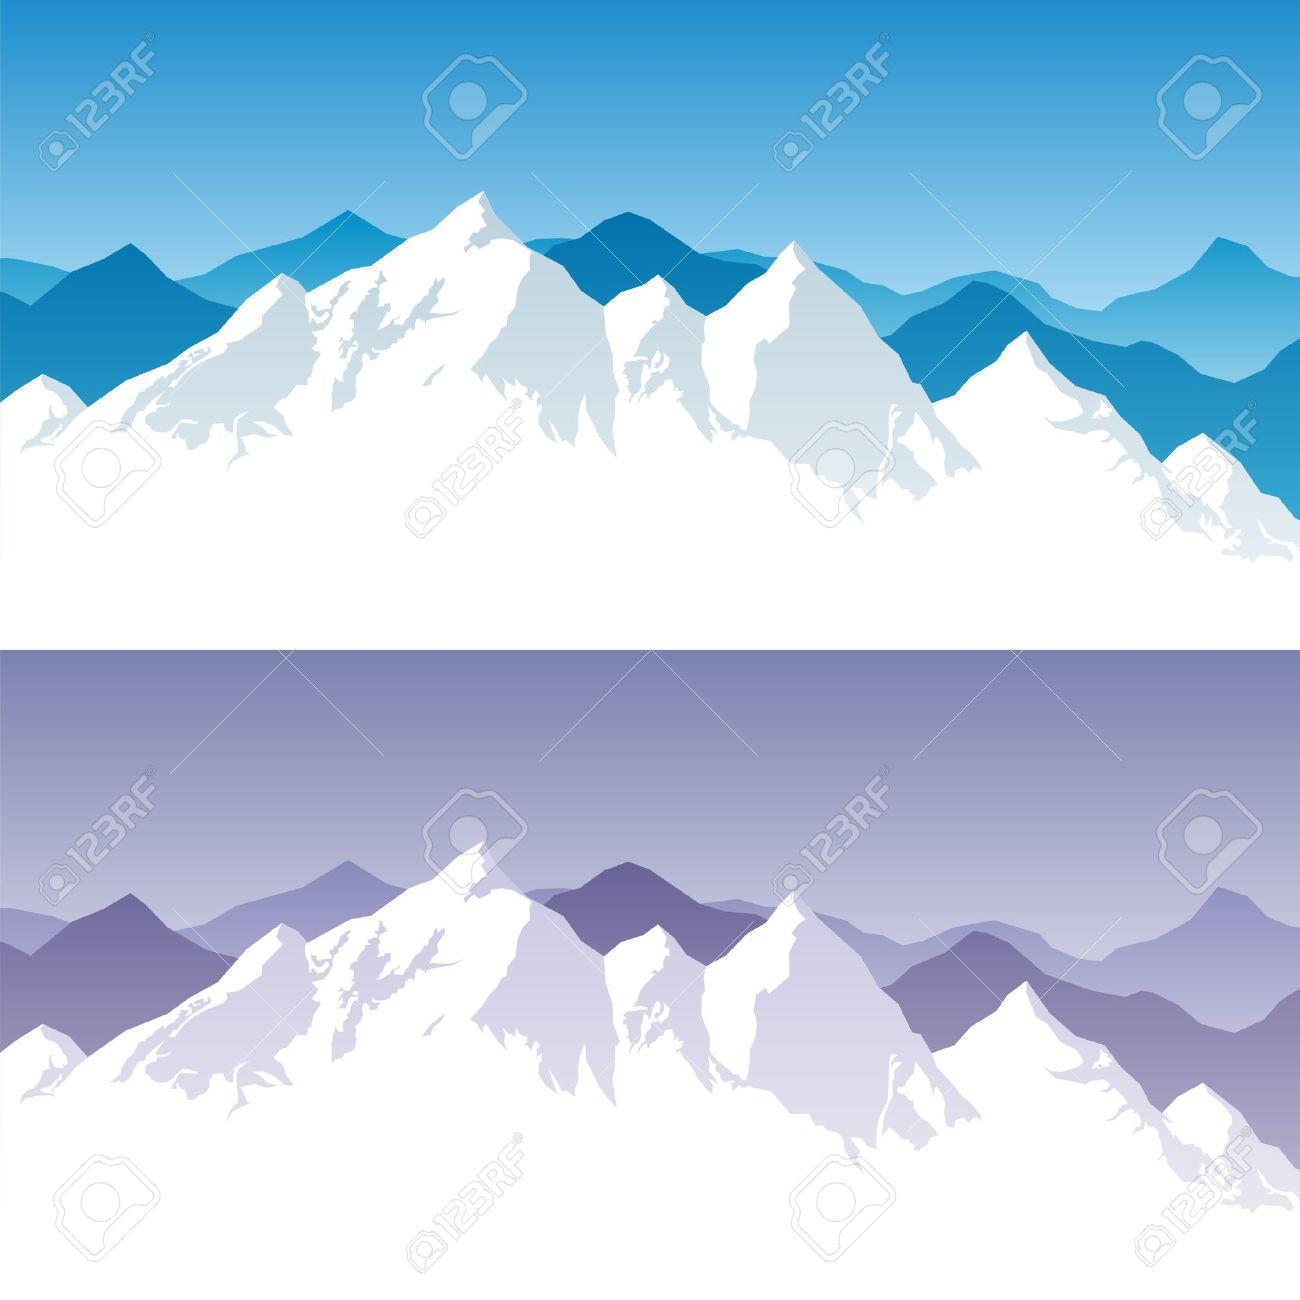 Arriere Plan Avec La Chaine De Montagnes Enneigee En 2 Versions De